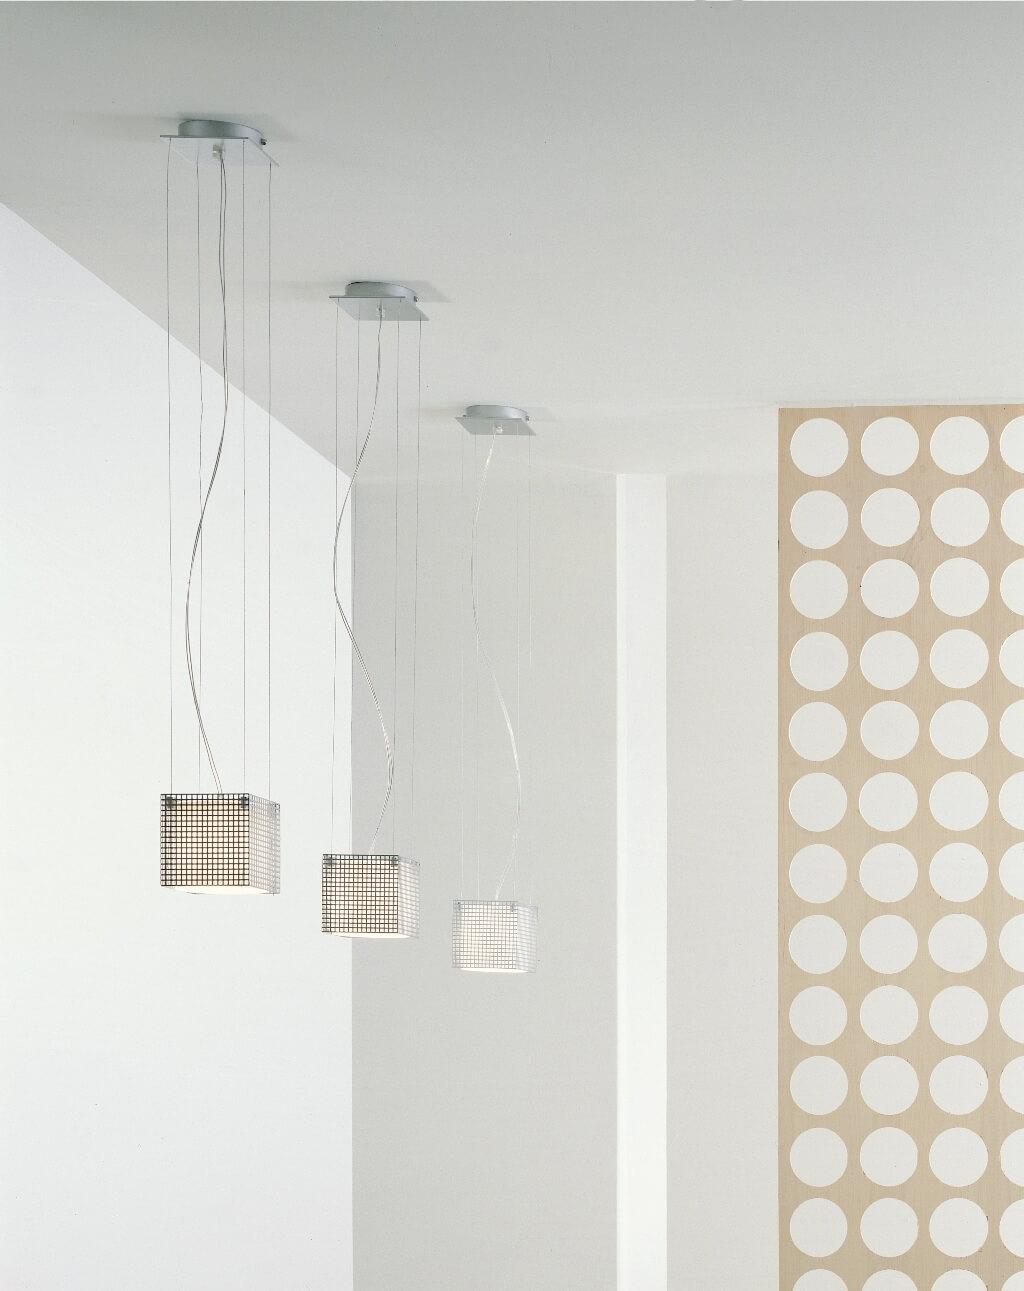 Светильники в светлой ванной комнате